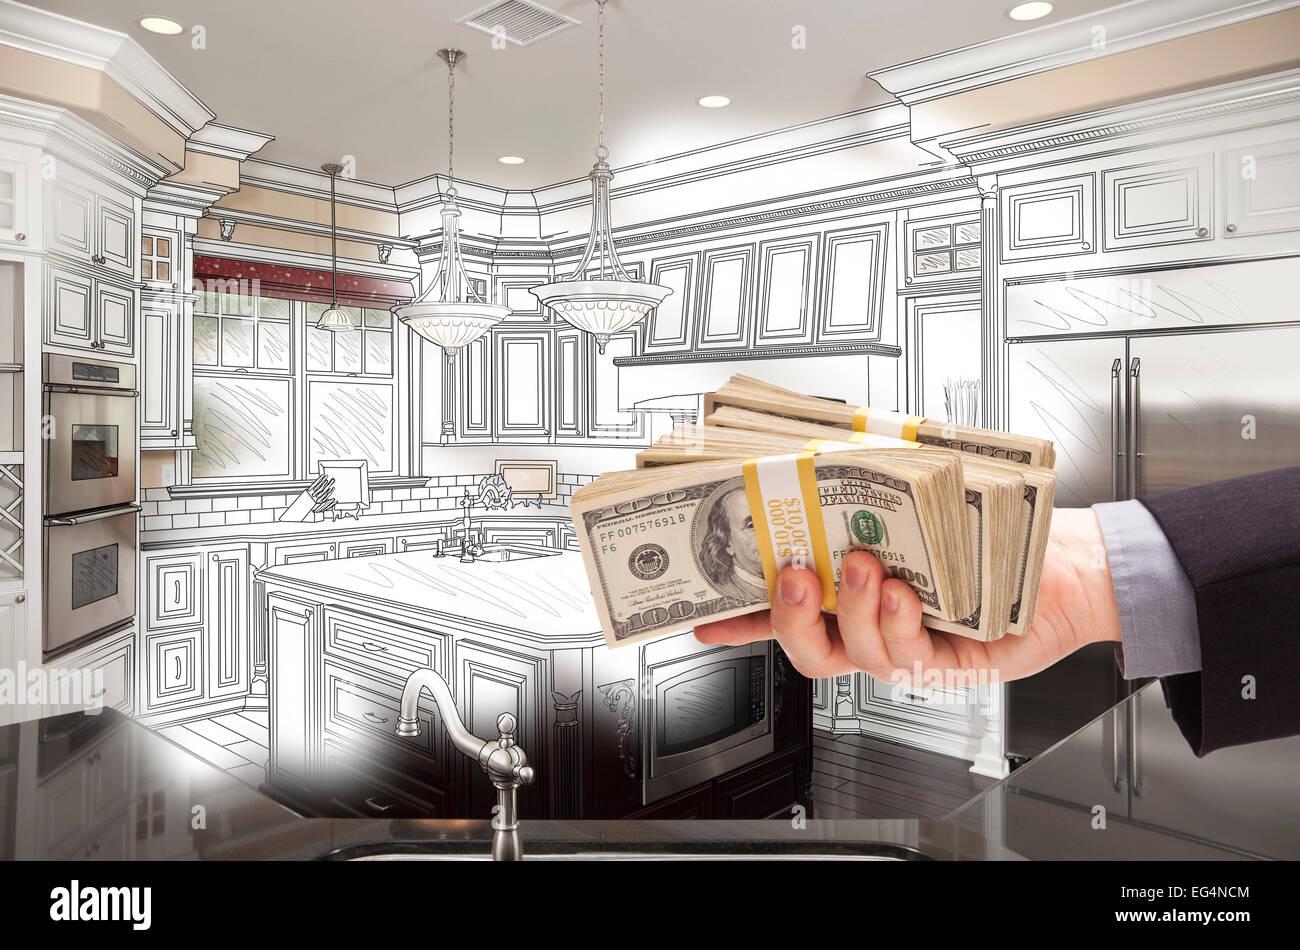 Wunderbar Eigene Küche Design Bilder - Ideen Für Die Küche ...